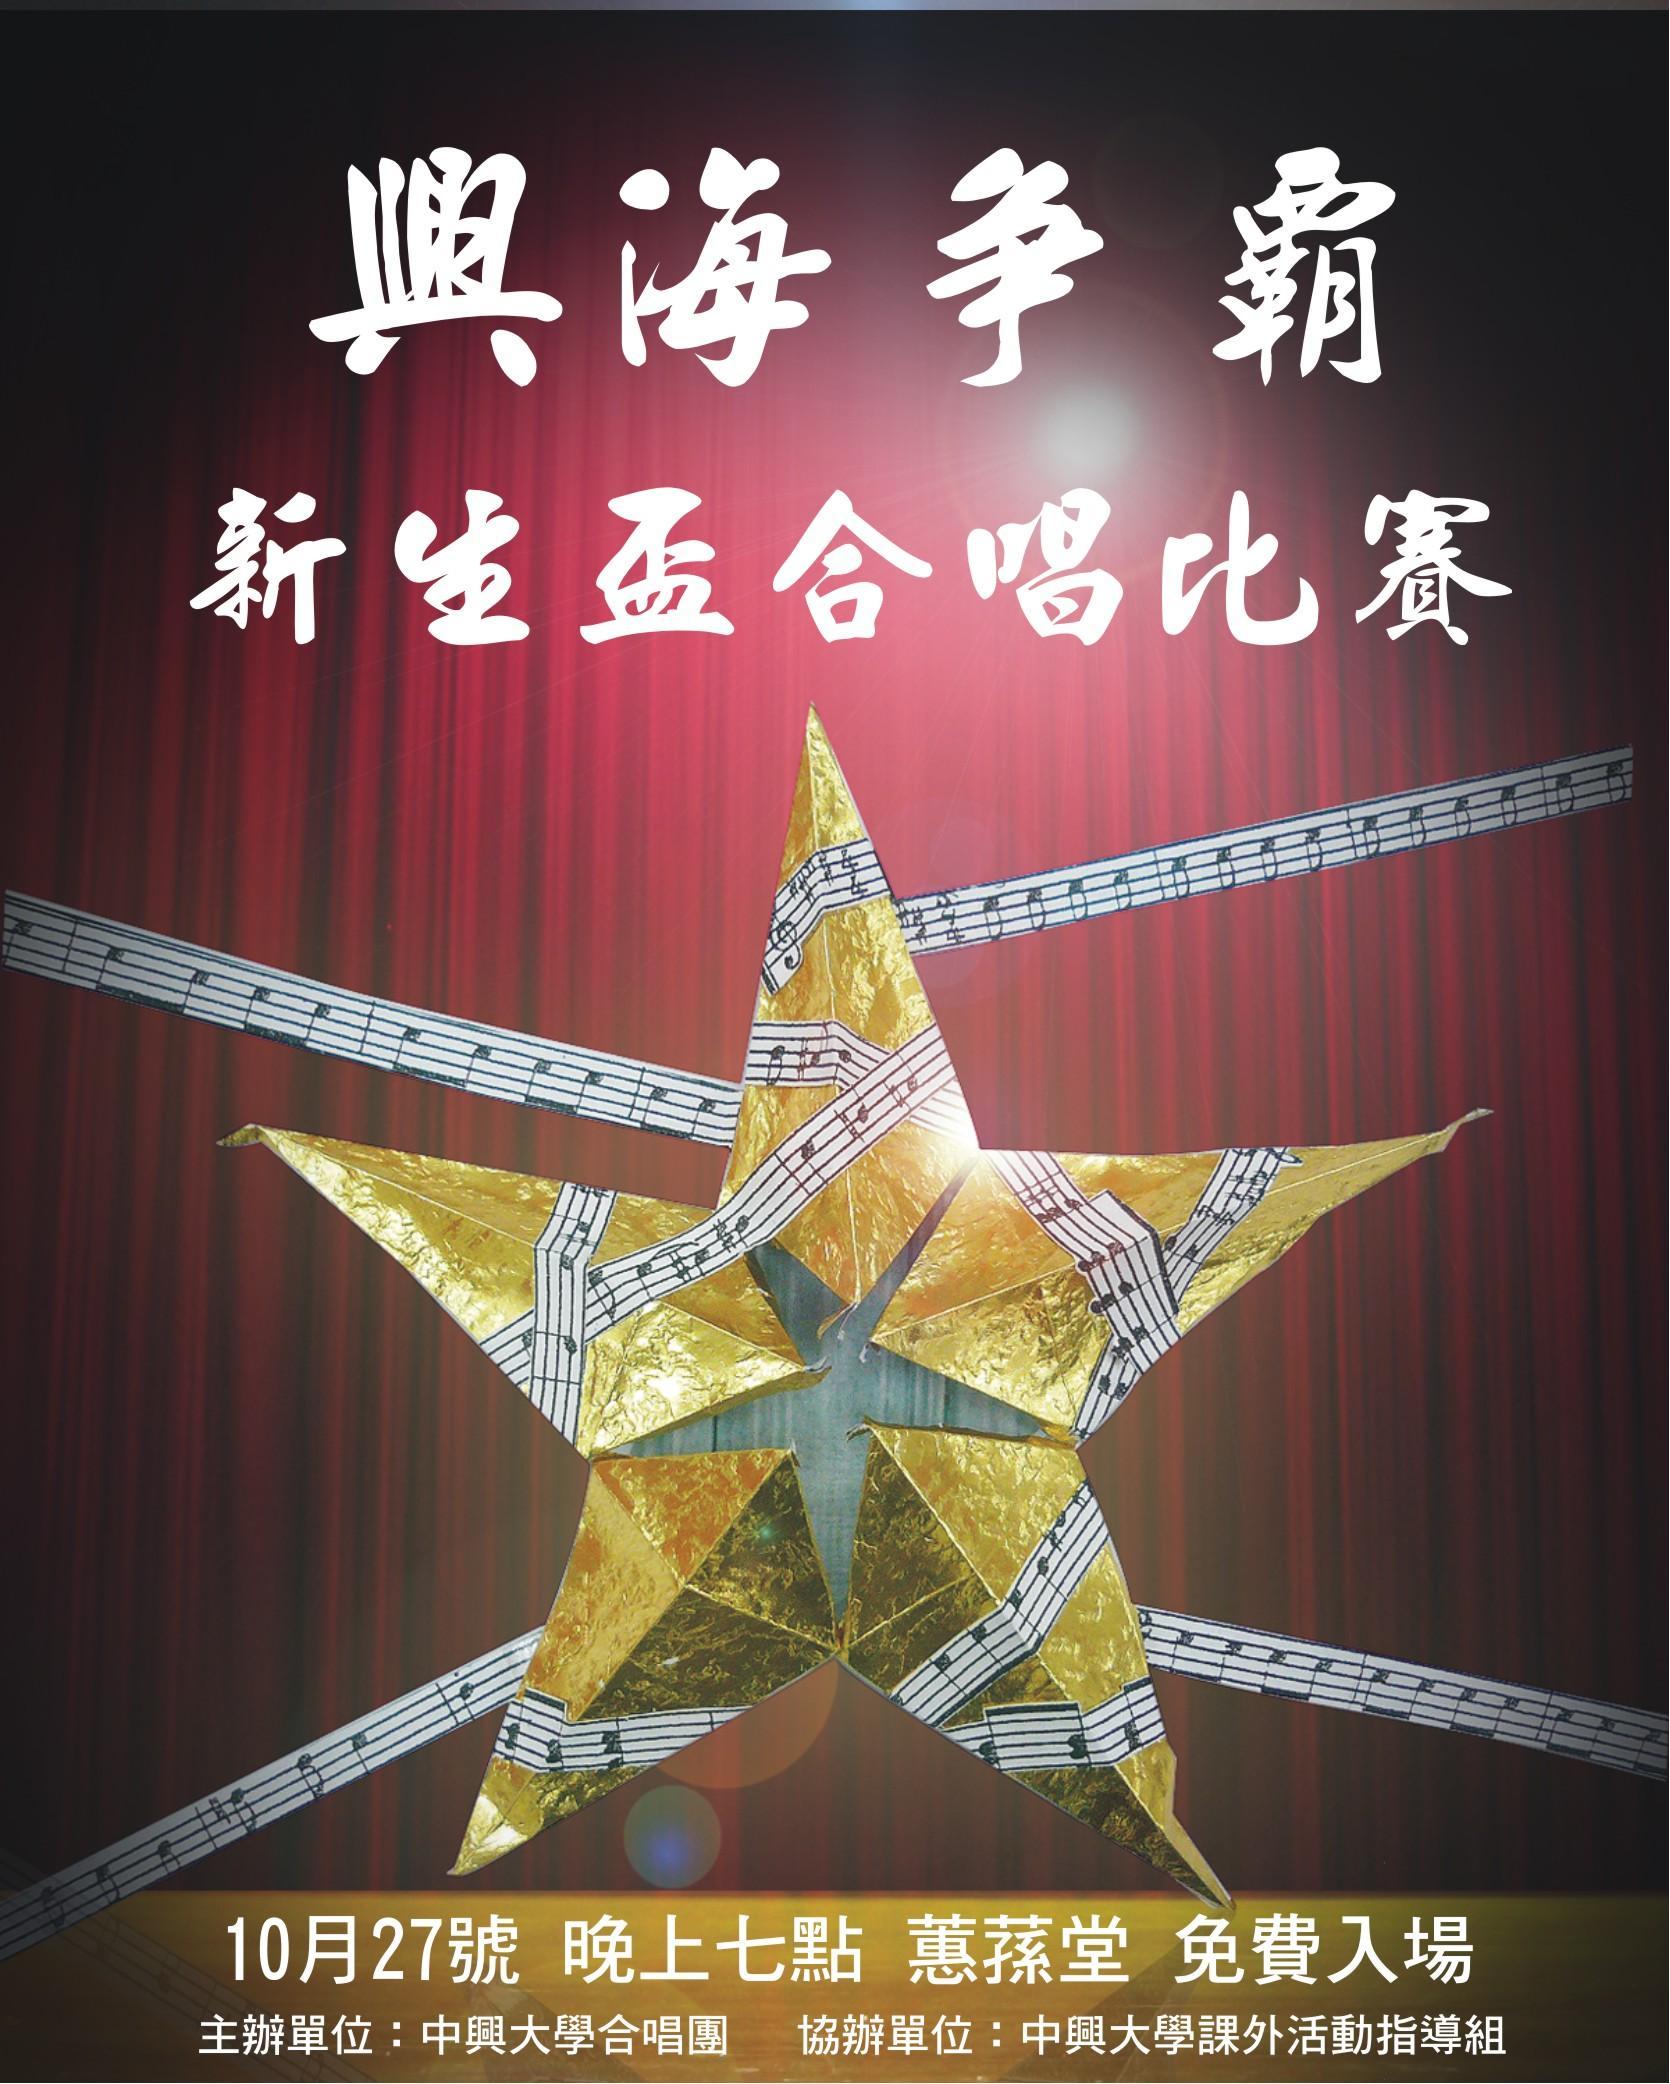 中興新生盃合唱比賽海報